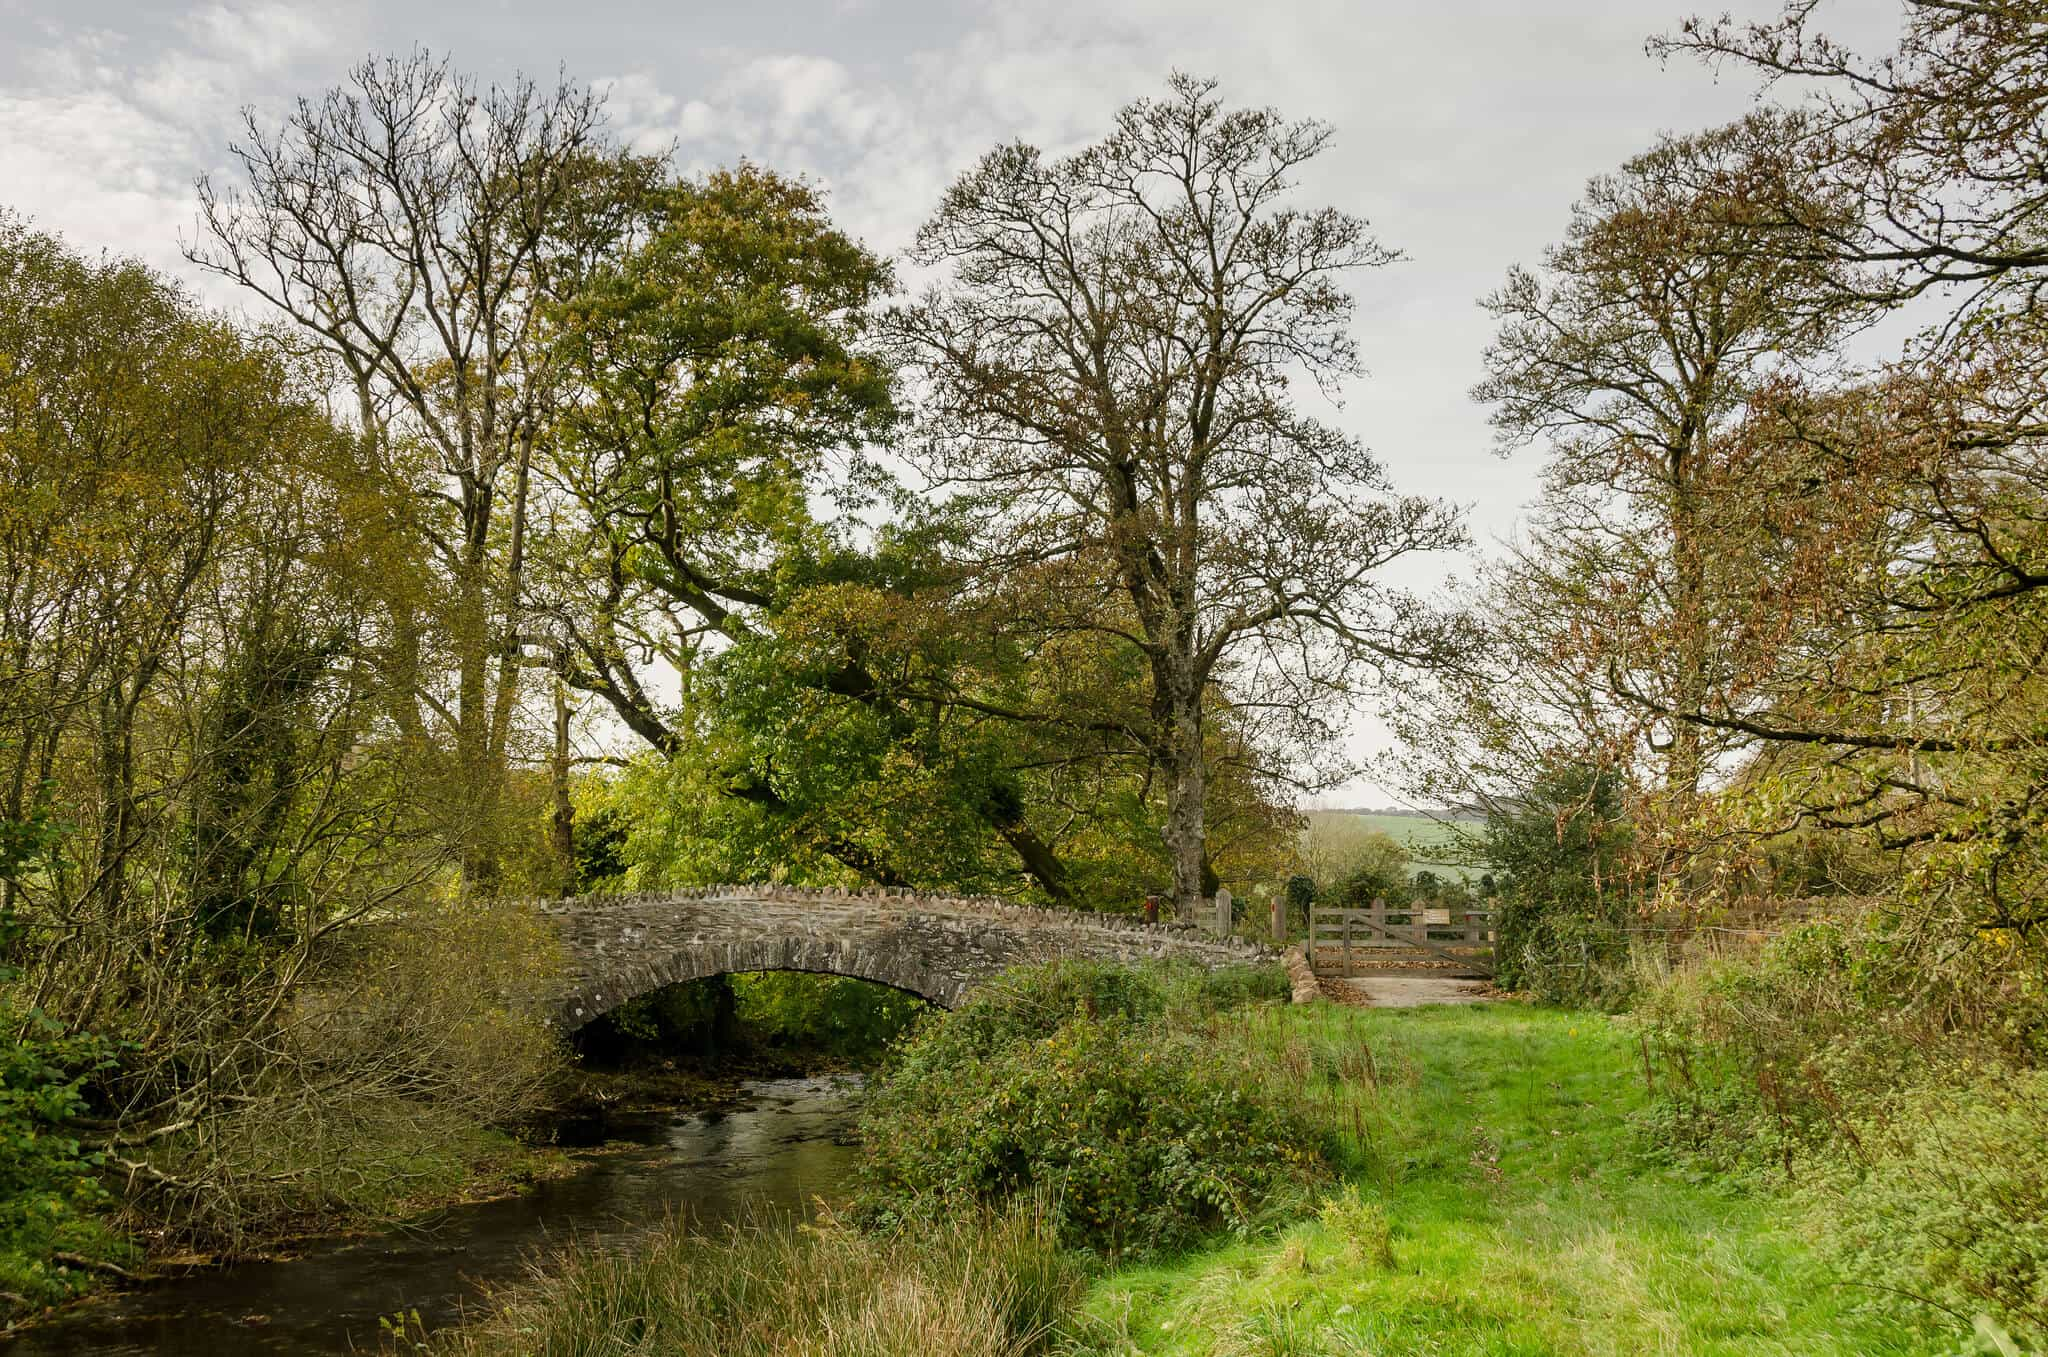 The Oare Bridge, Exmoor Walking Holidays